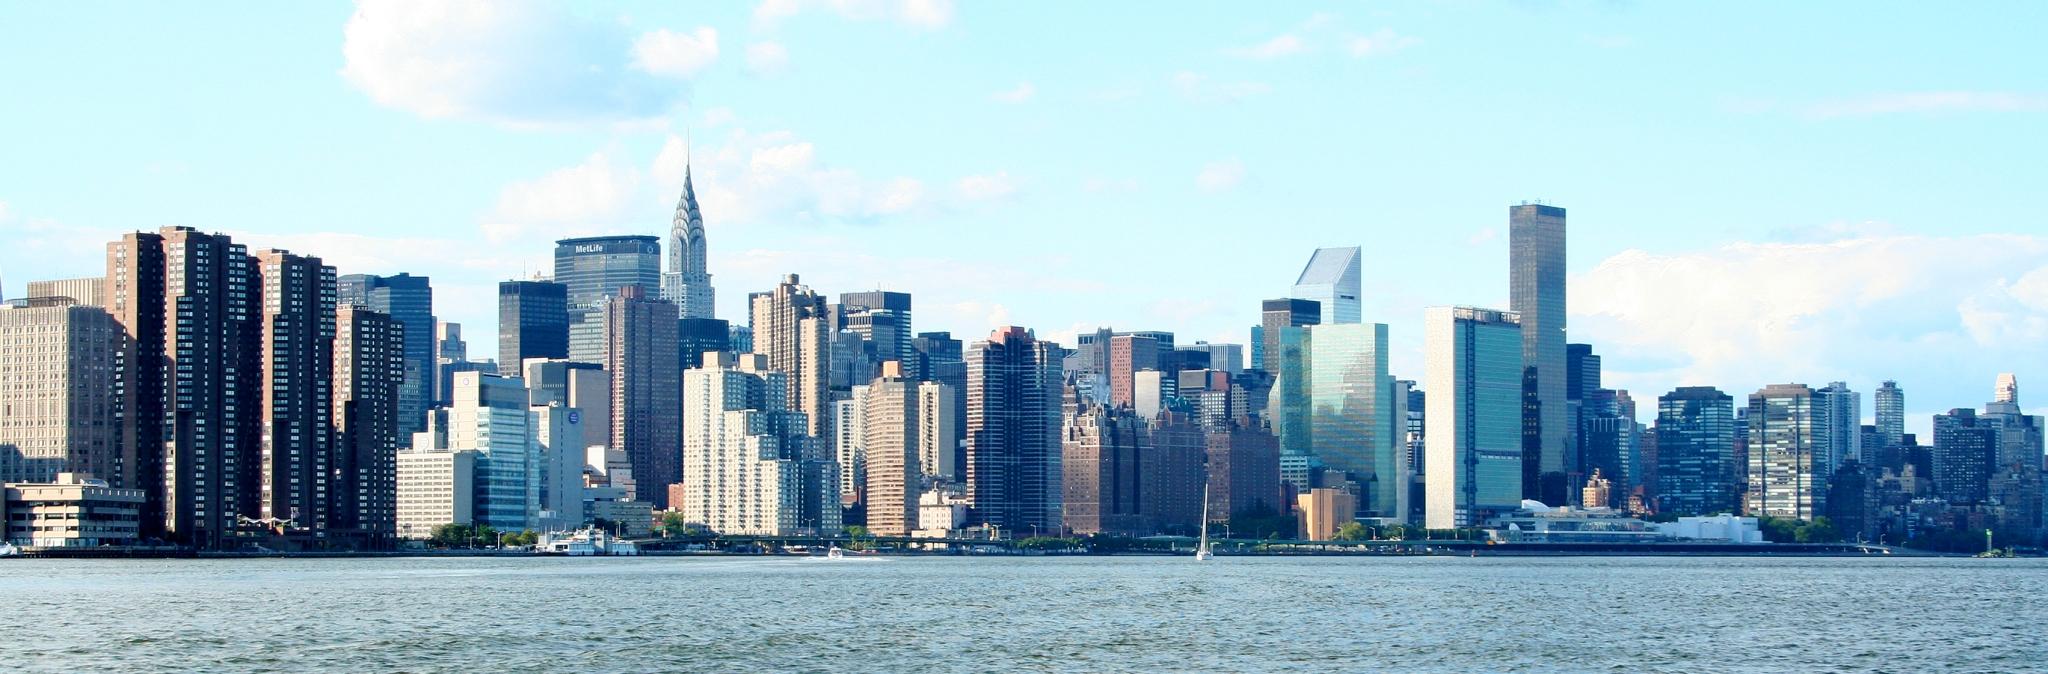 Manhattan_Skyline_-_Flickr_-_Peter_Zoon